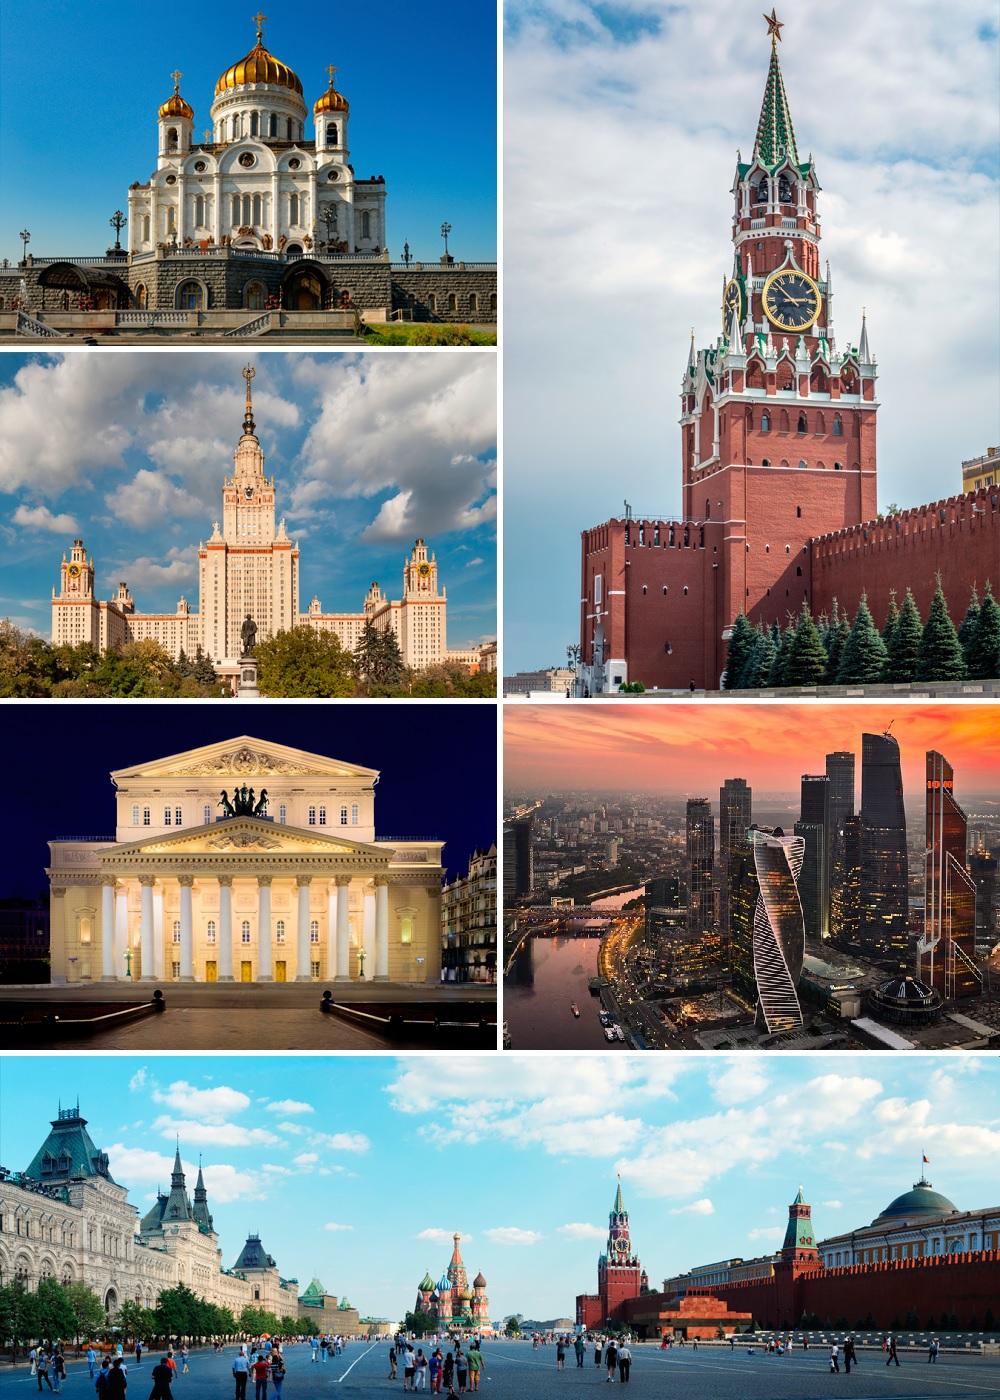 Maiores países do mundo - Russia